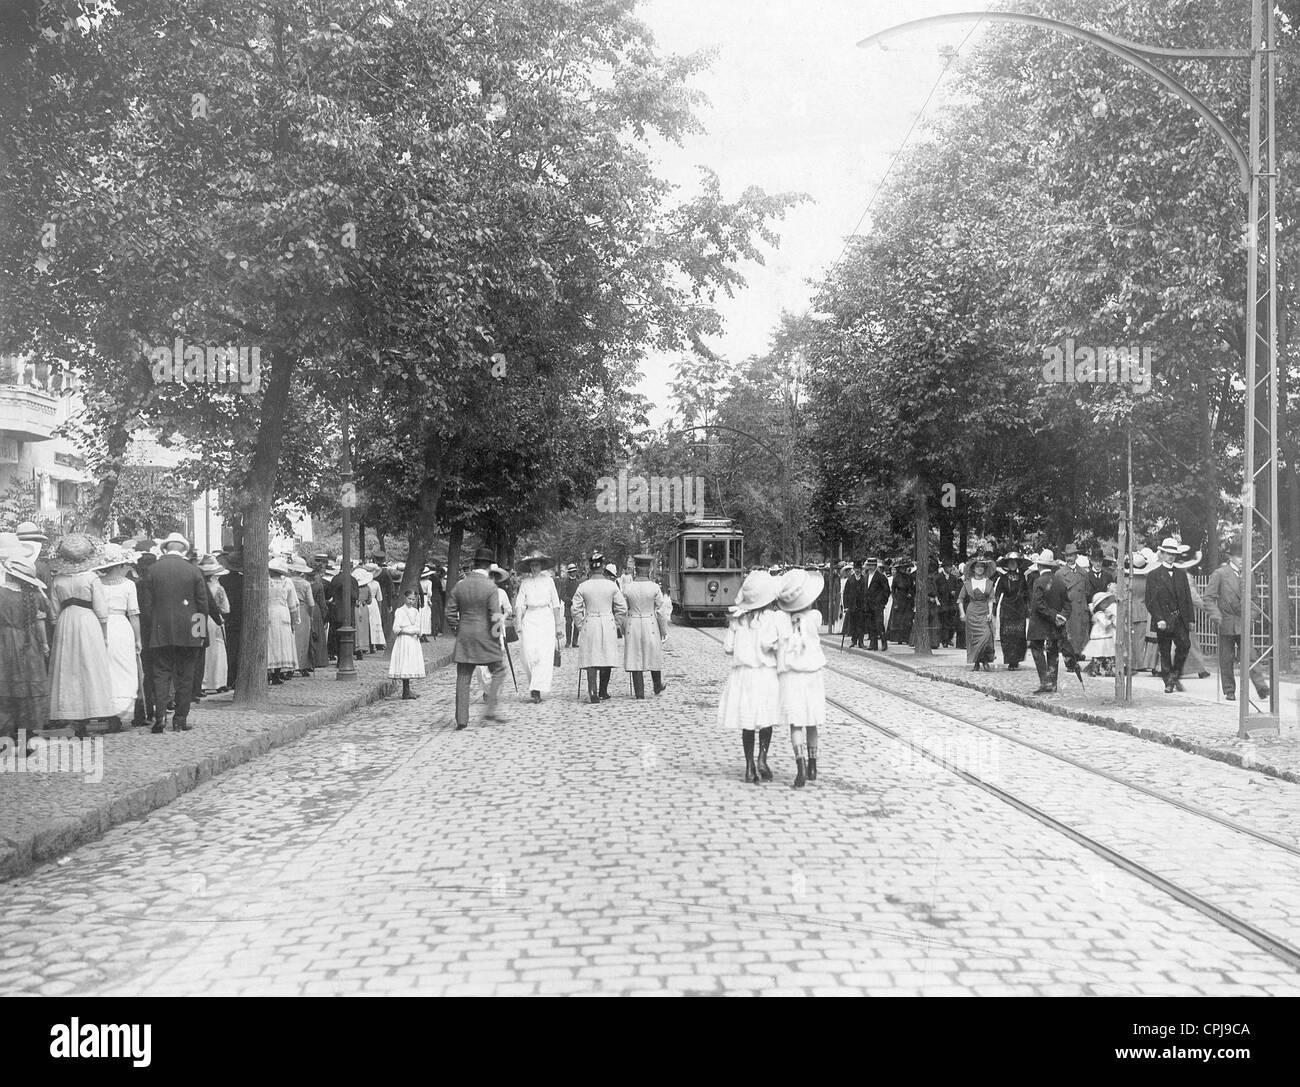 Pedestrians in Allenstein, 1912 - Stock Image